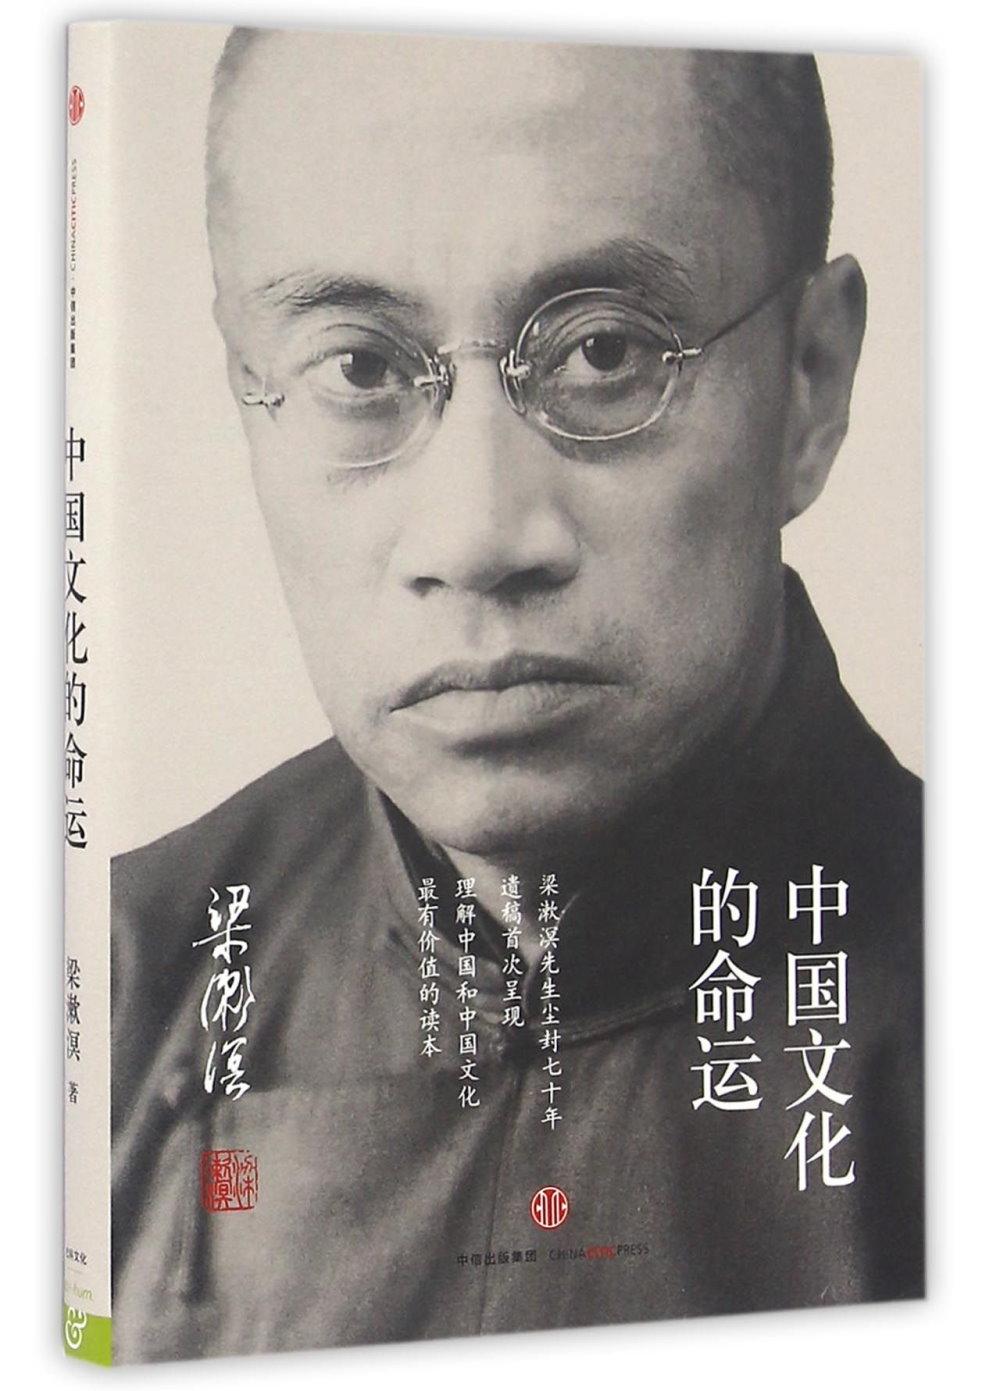 中國文化的命運